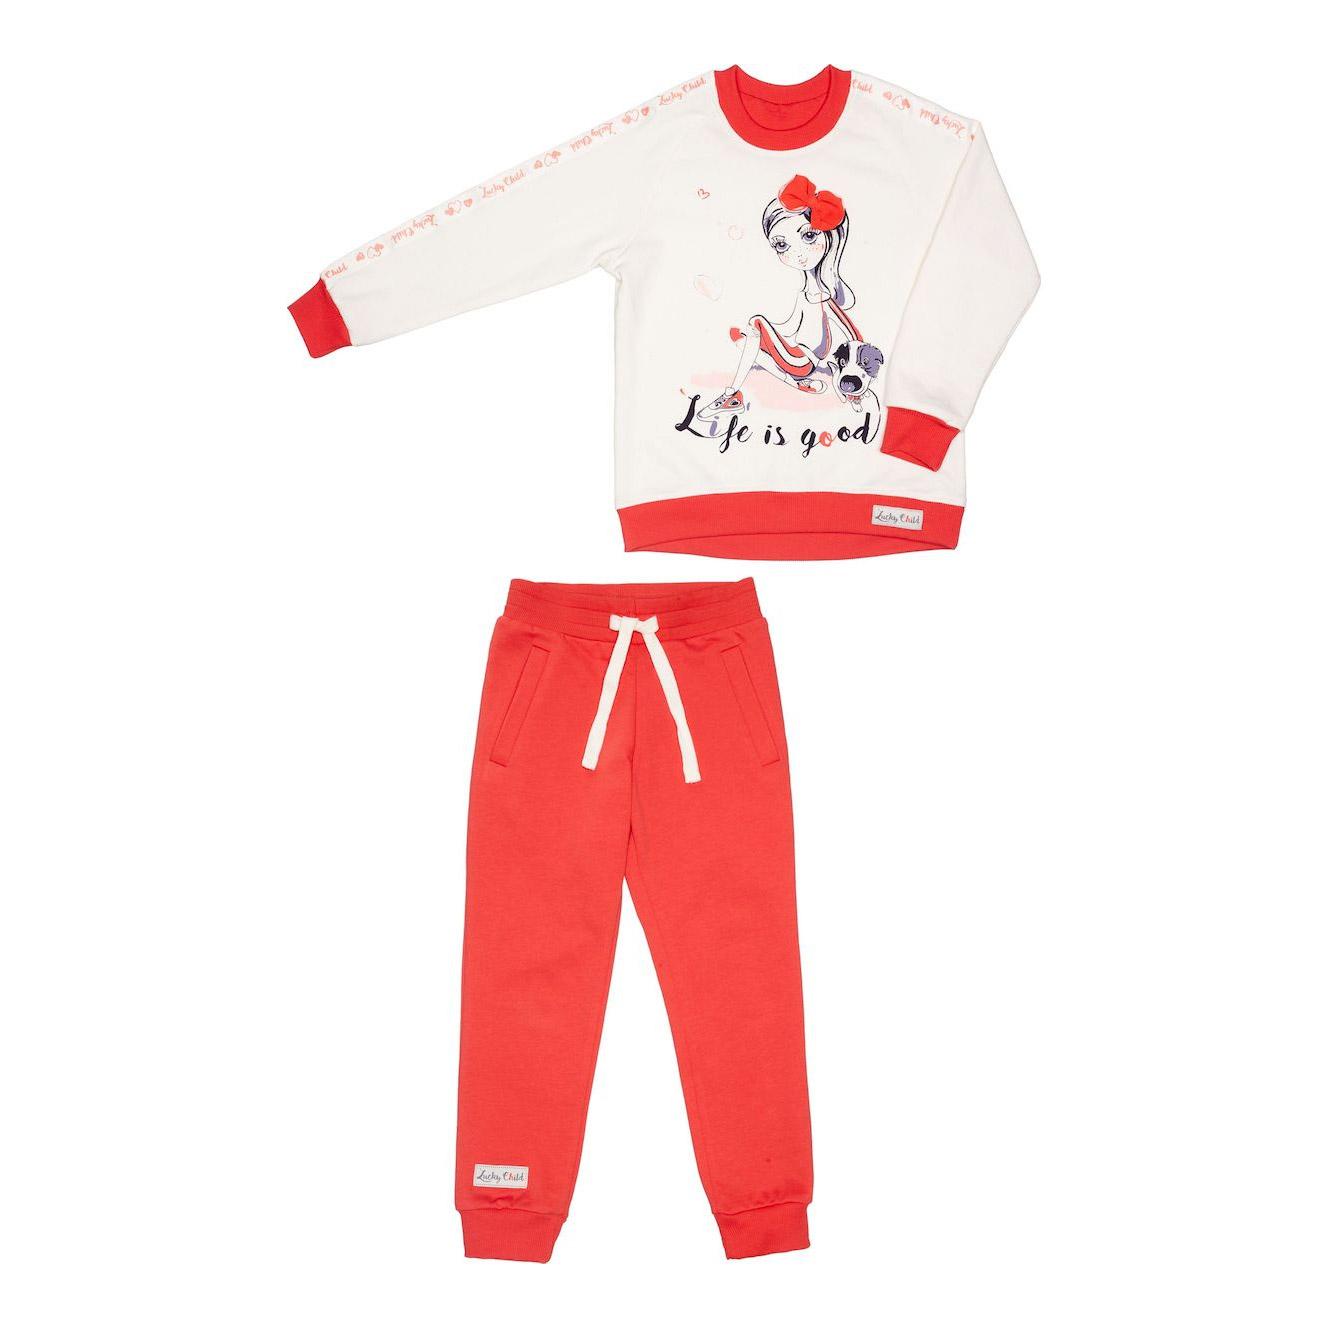 Фото - Спортивный костюм Lucky Child: толстовка и брюки коралл/молочный 98-104 спортивный костюм lucky child sport куртка и брюки 86 92